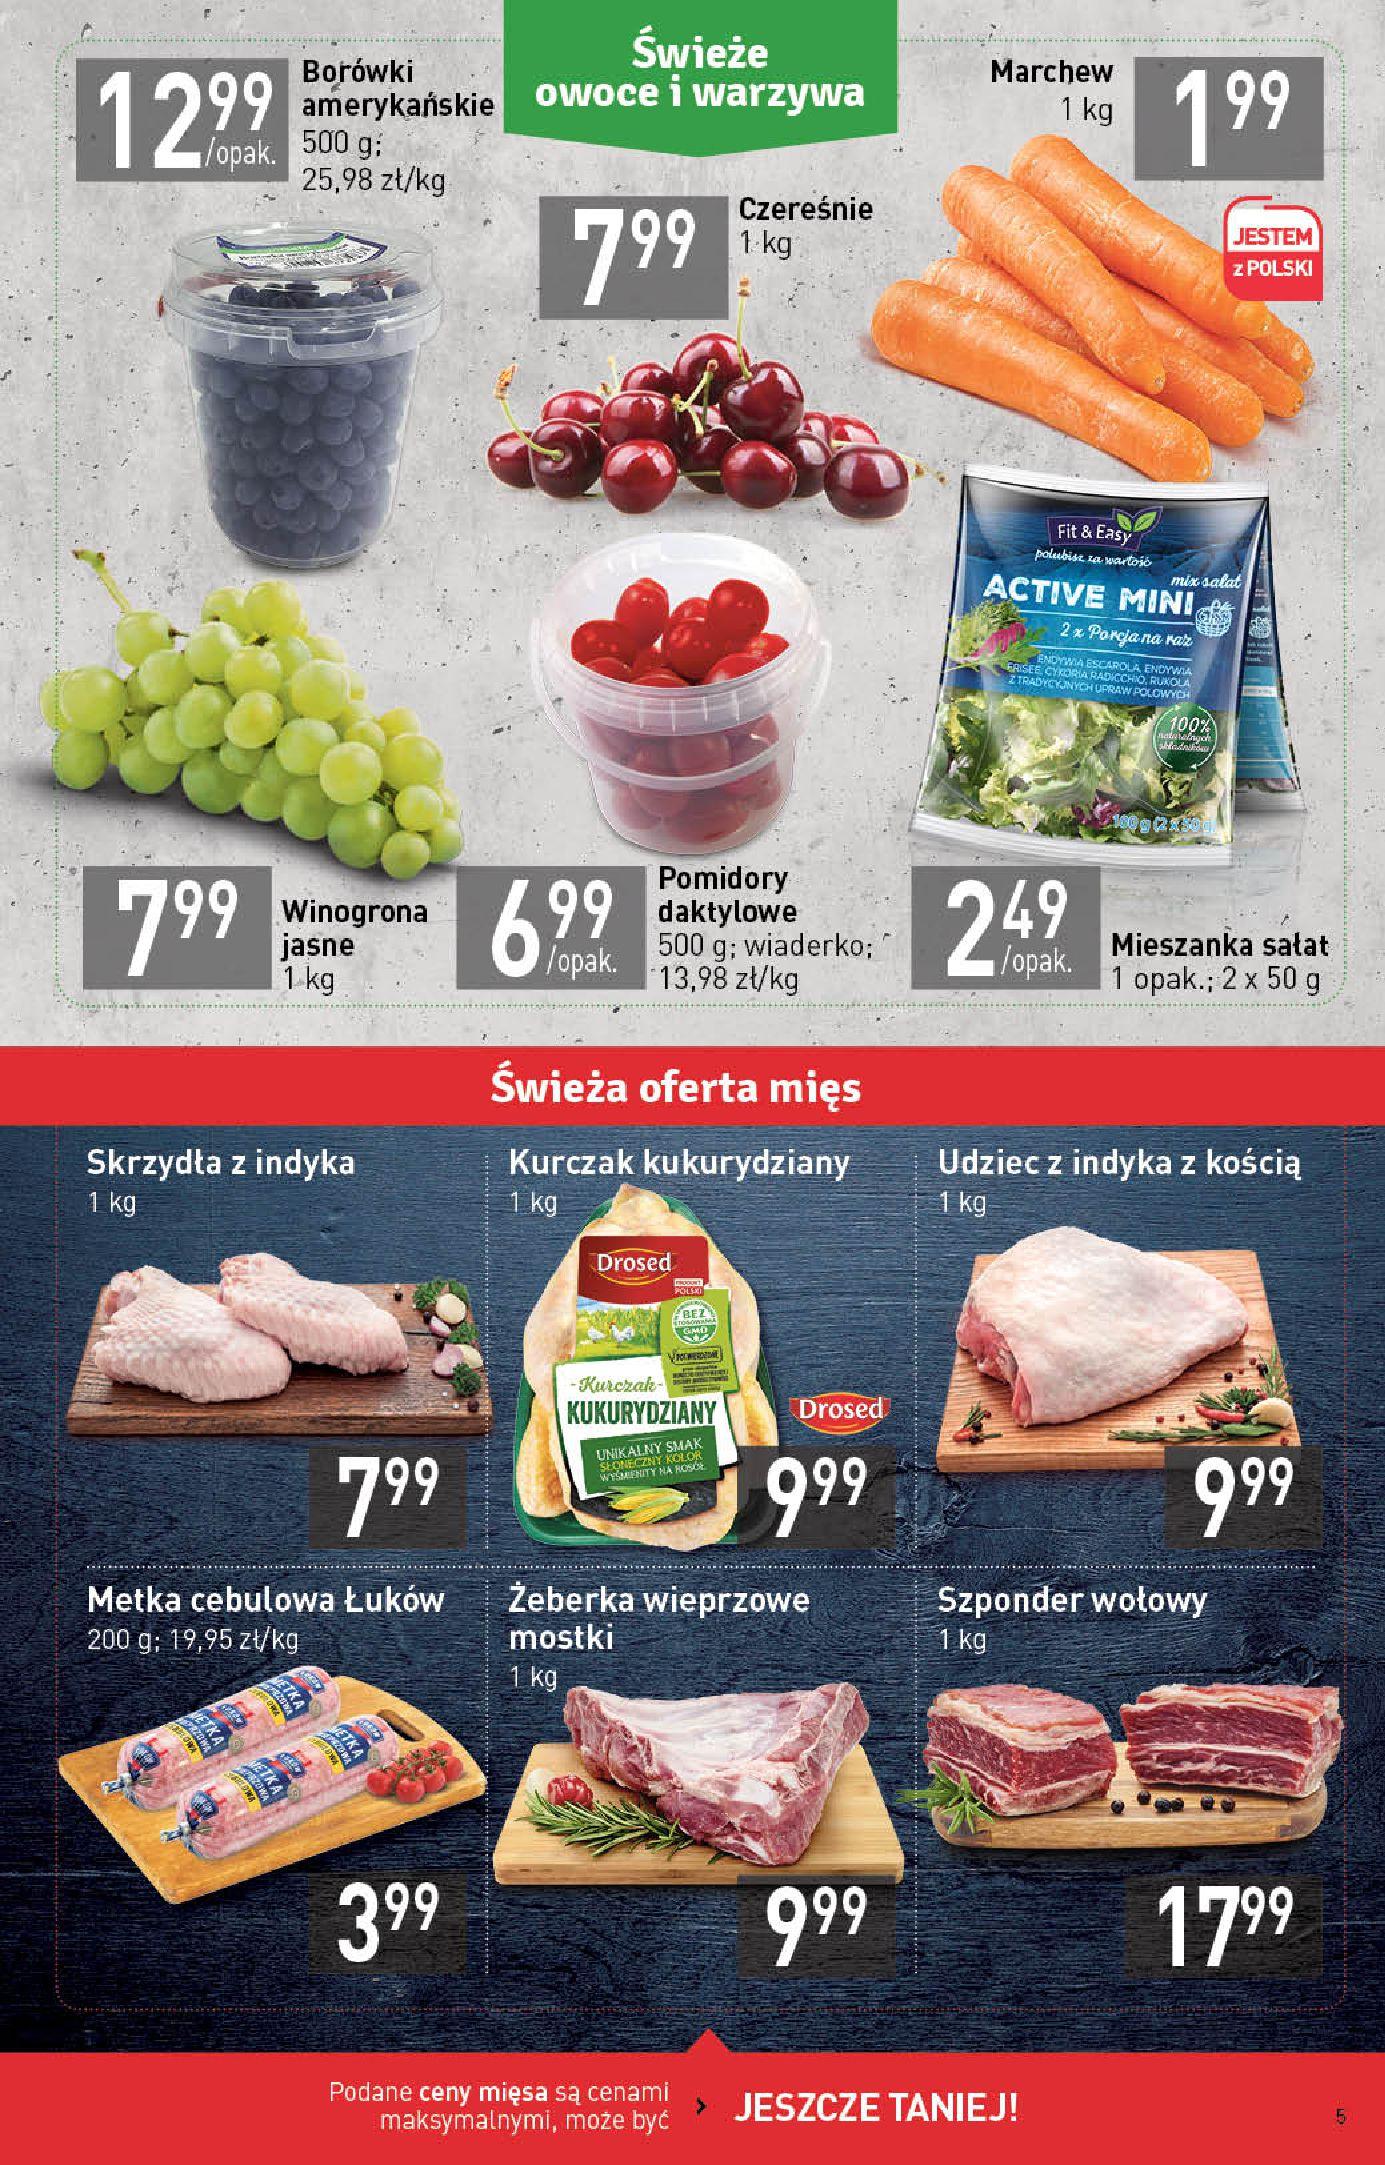 Gazetka Stokrotka Supermarket: Stokrotka Supermarket_IMPORTED_20210720130049 2021-07-22 page-5